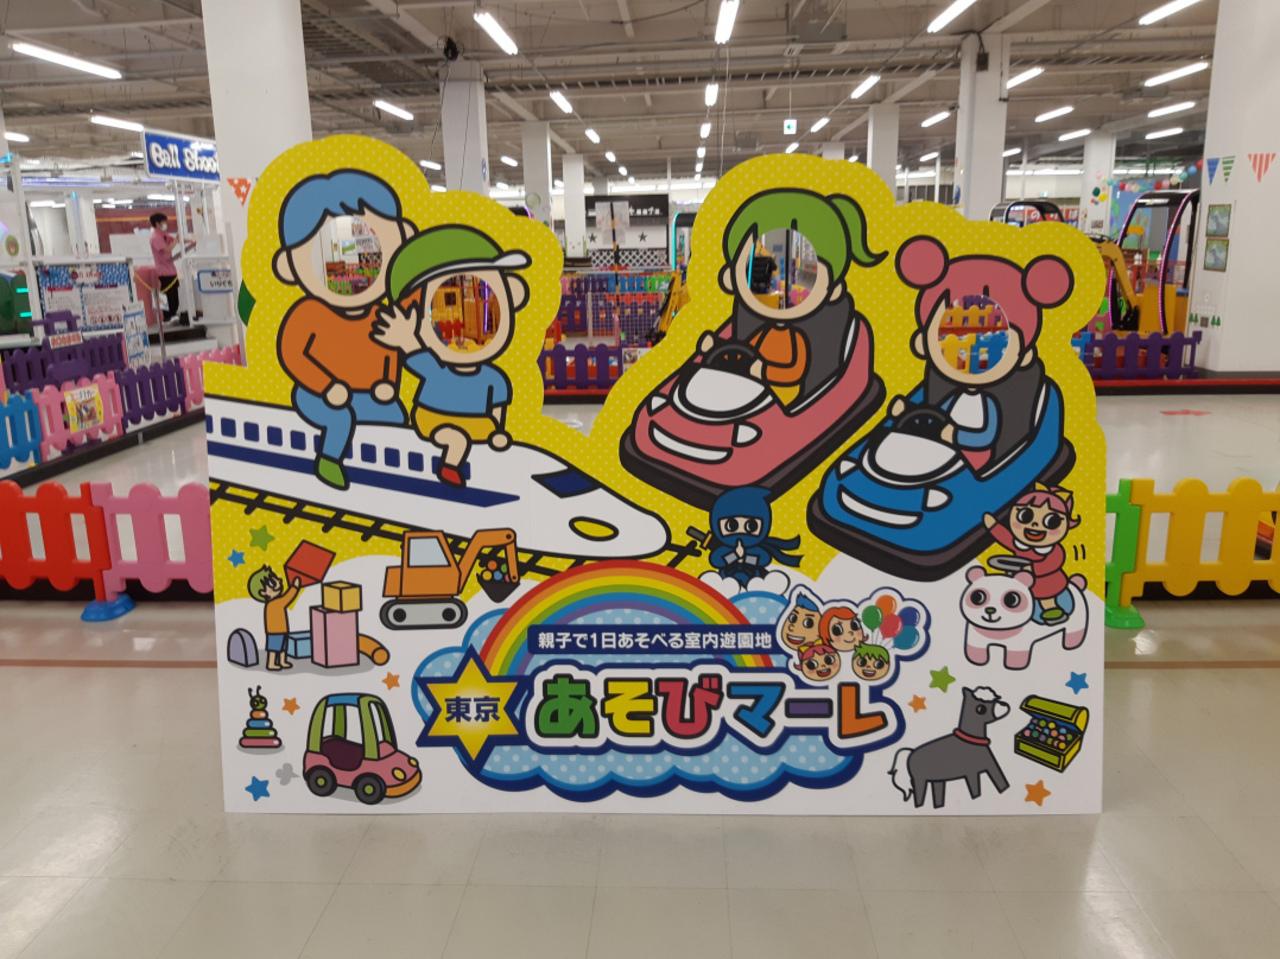 親子で1日中遊び放題の室内遊園地... 東京都八王子市別所の「東京あそびマーレ」